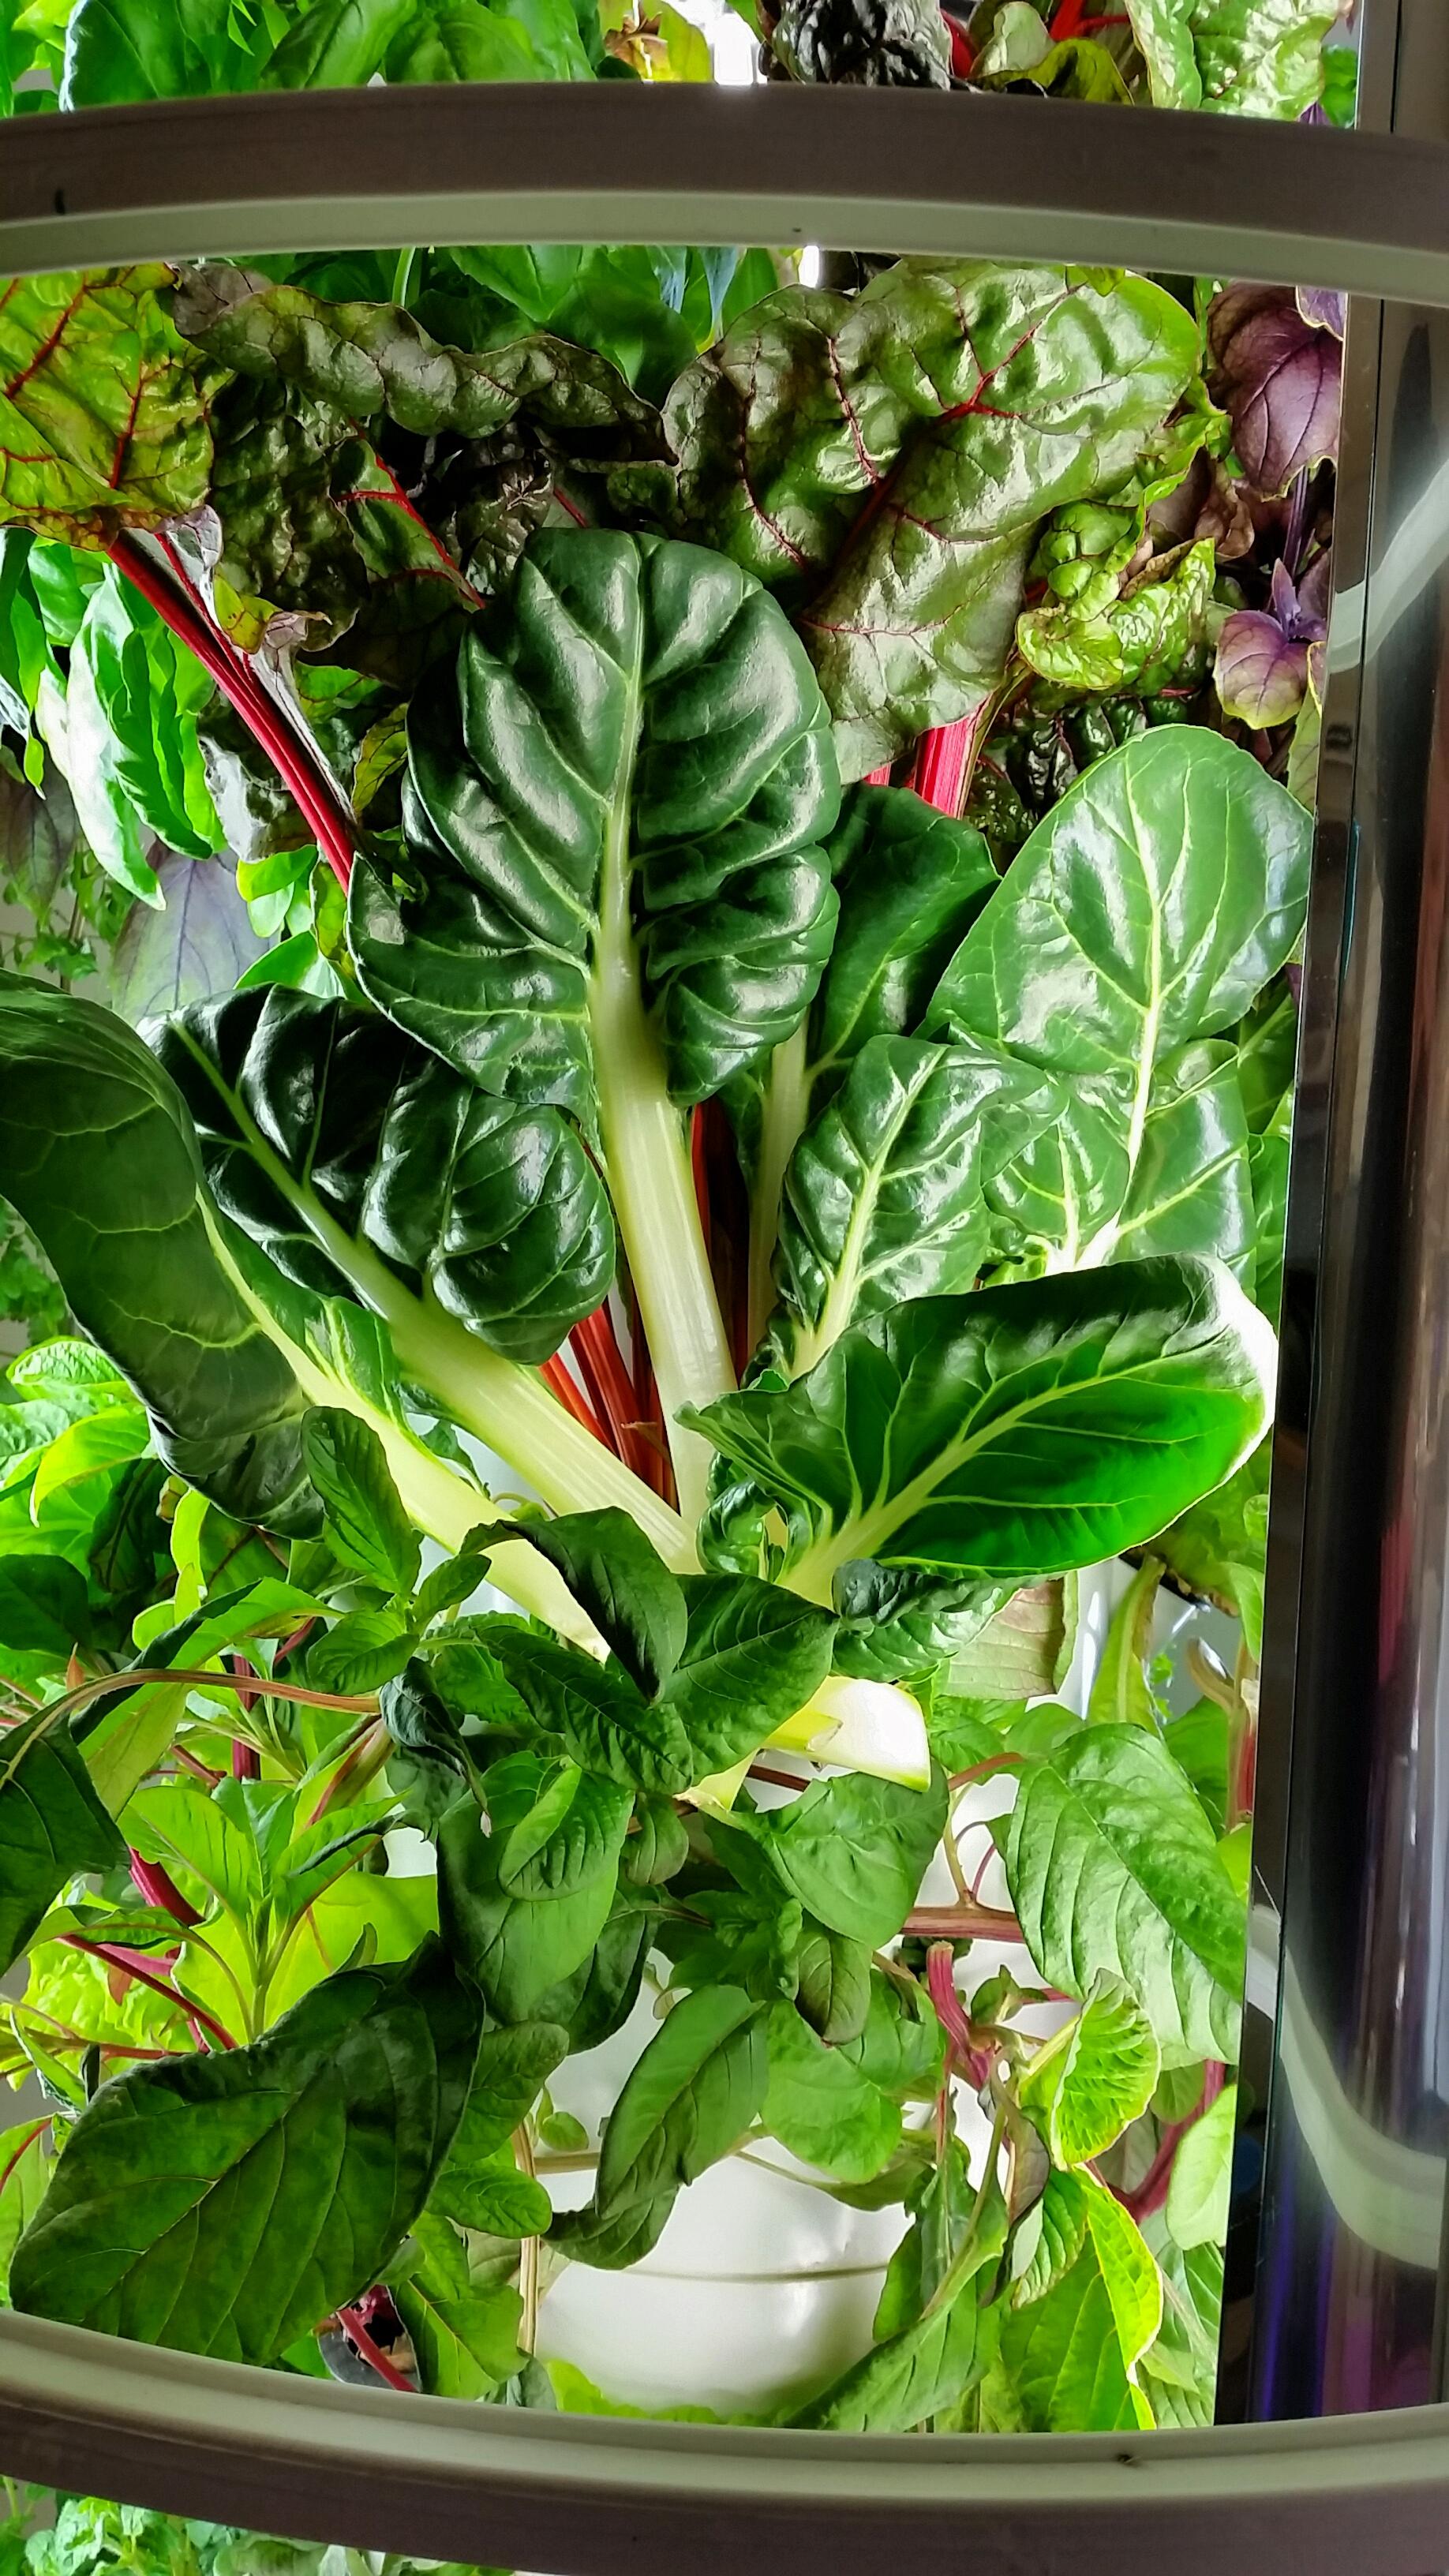 Tower Garden Vegetables Spinach.jpg